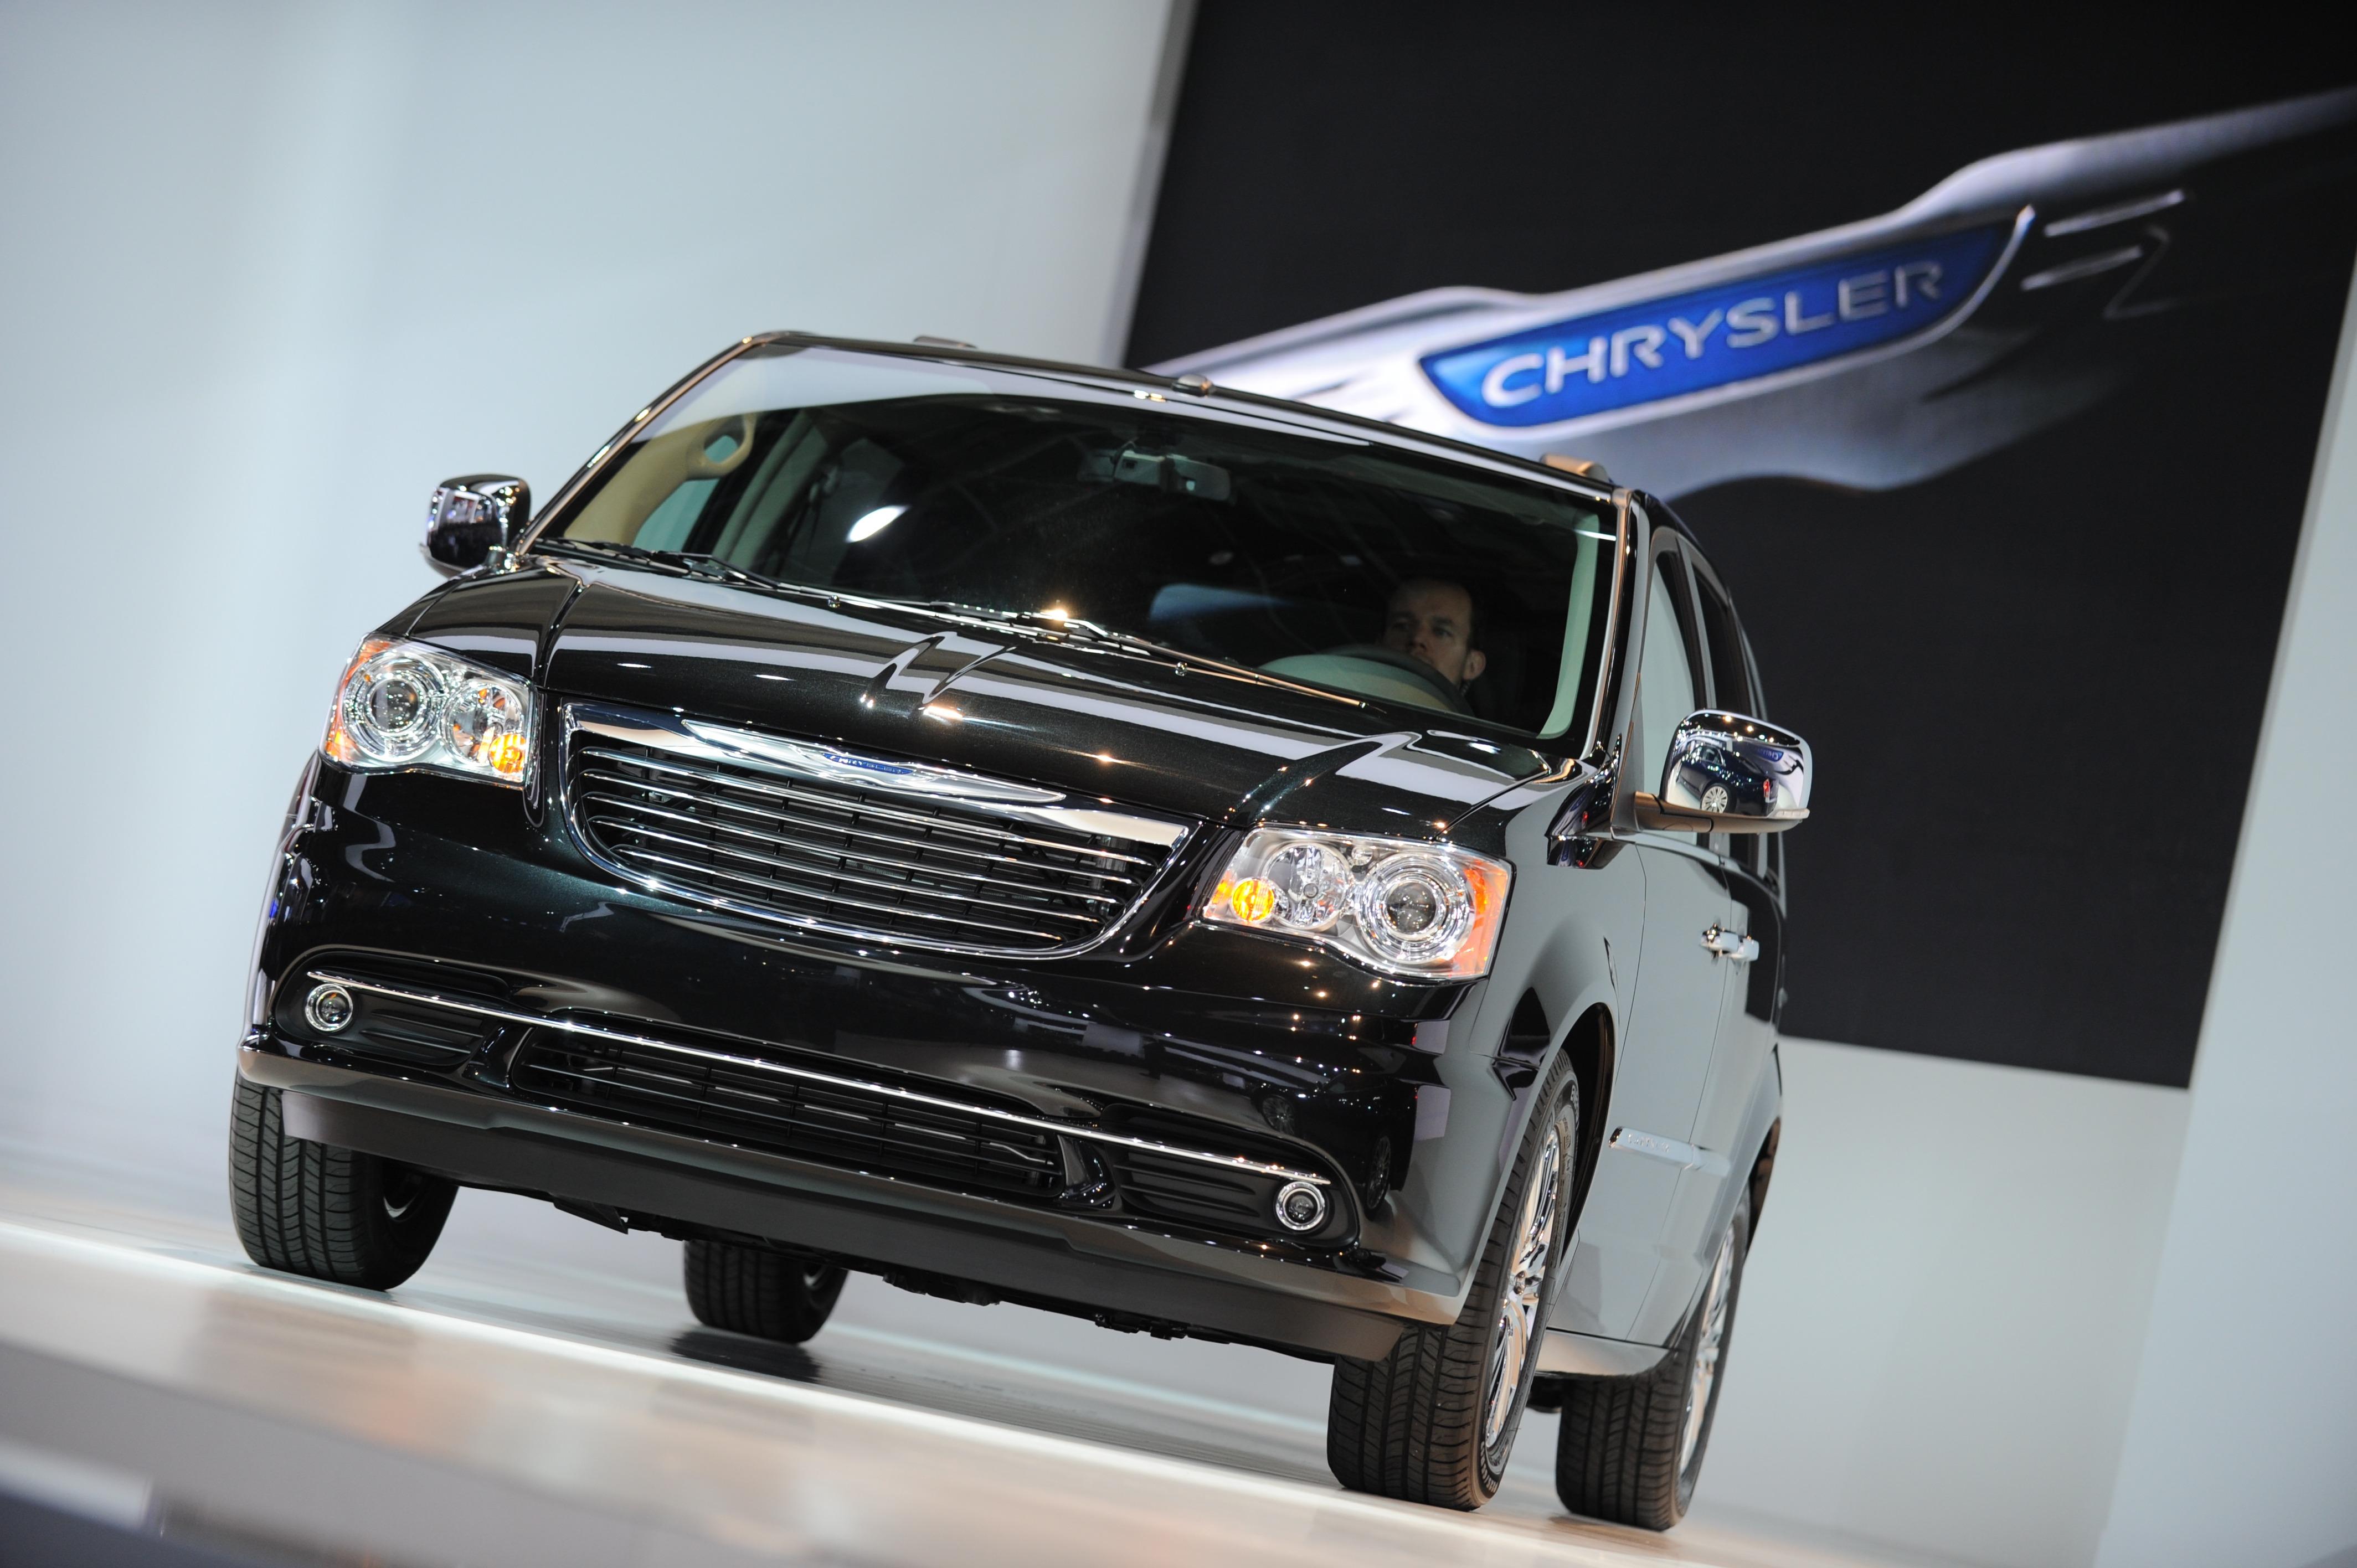 Chrysler Faces Major New Recall Cbs News